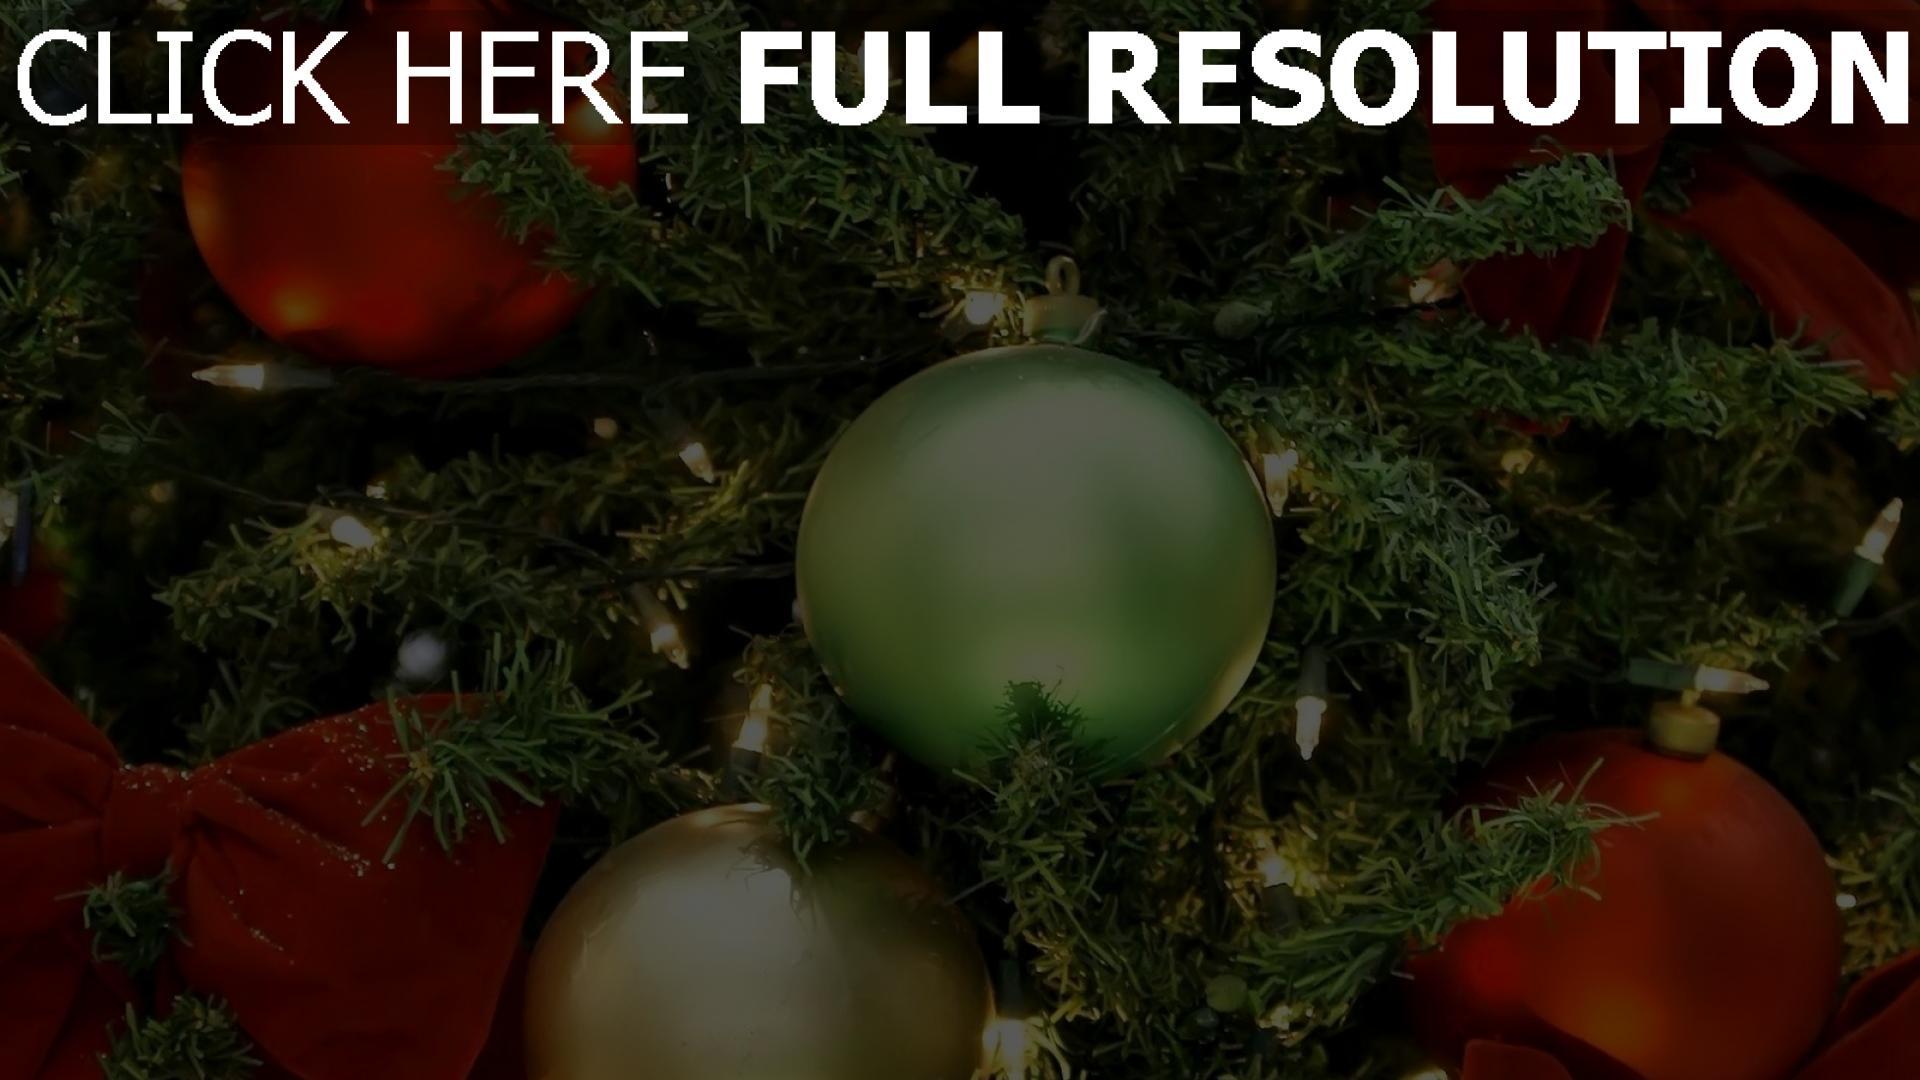 hd hintergrundbilder weihnachtsbaum bögen luftballons weihnachtsschmuck girlanden urlaub weihnachten neujahr close-up 1920x1080